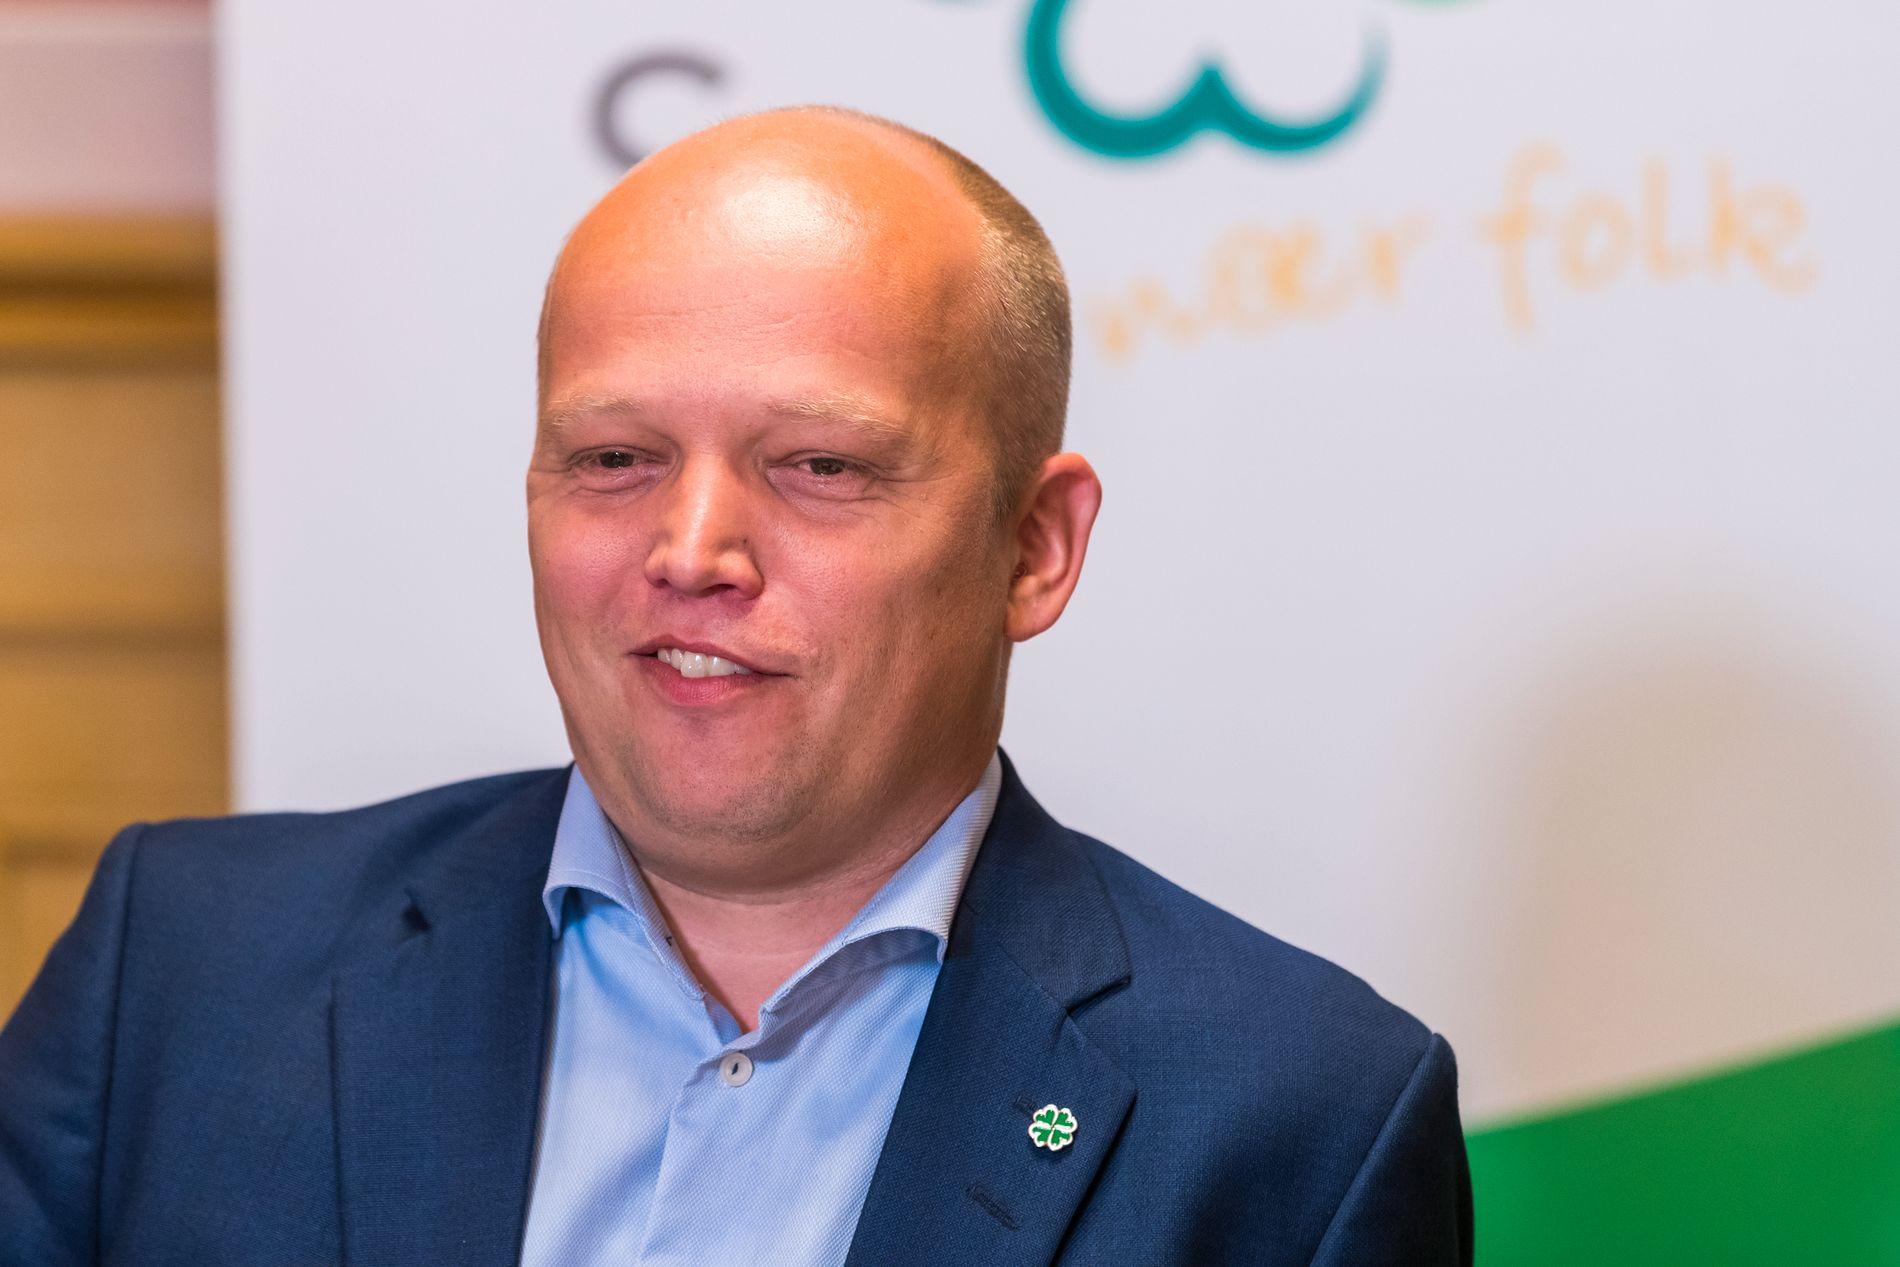 VURDERER: Partileder i Senterpartiet, Trygve Slagsvold Vedum, ønsker at Stortinget skal se på kostnader for å skru på FM-nettet igjen.